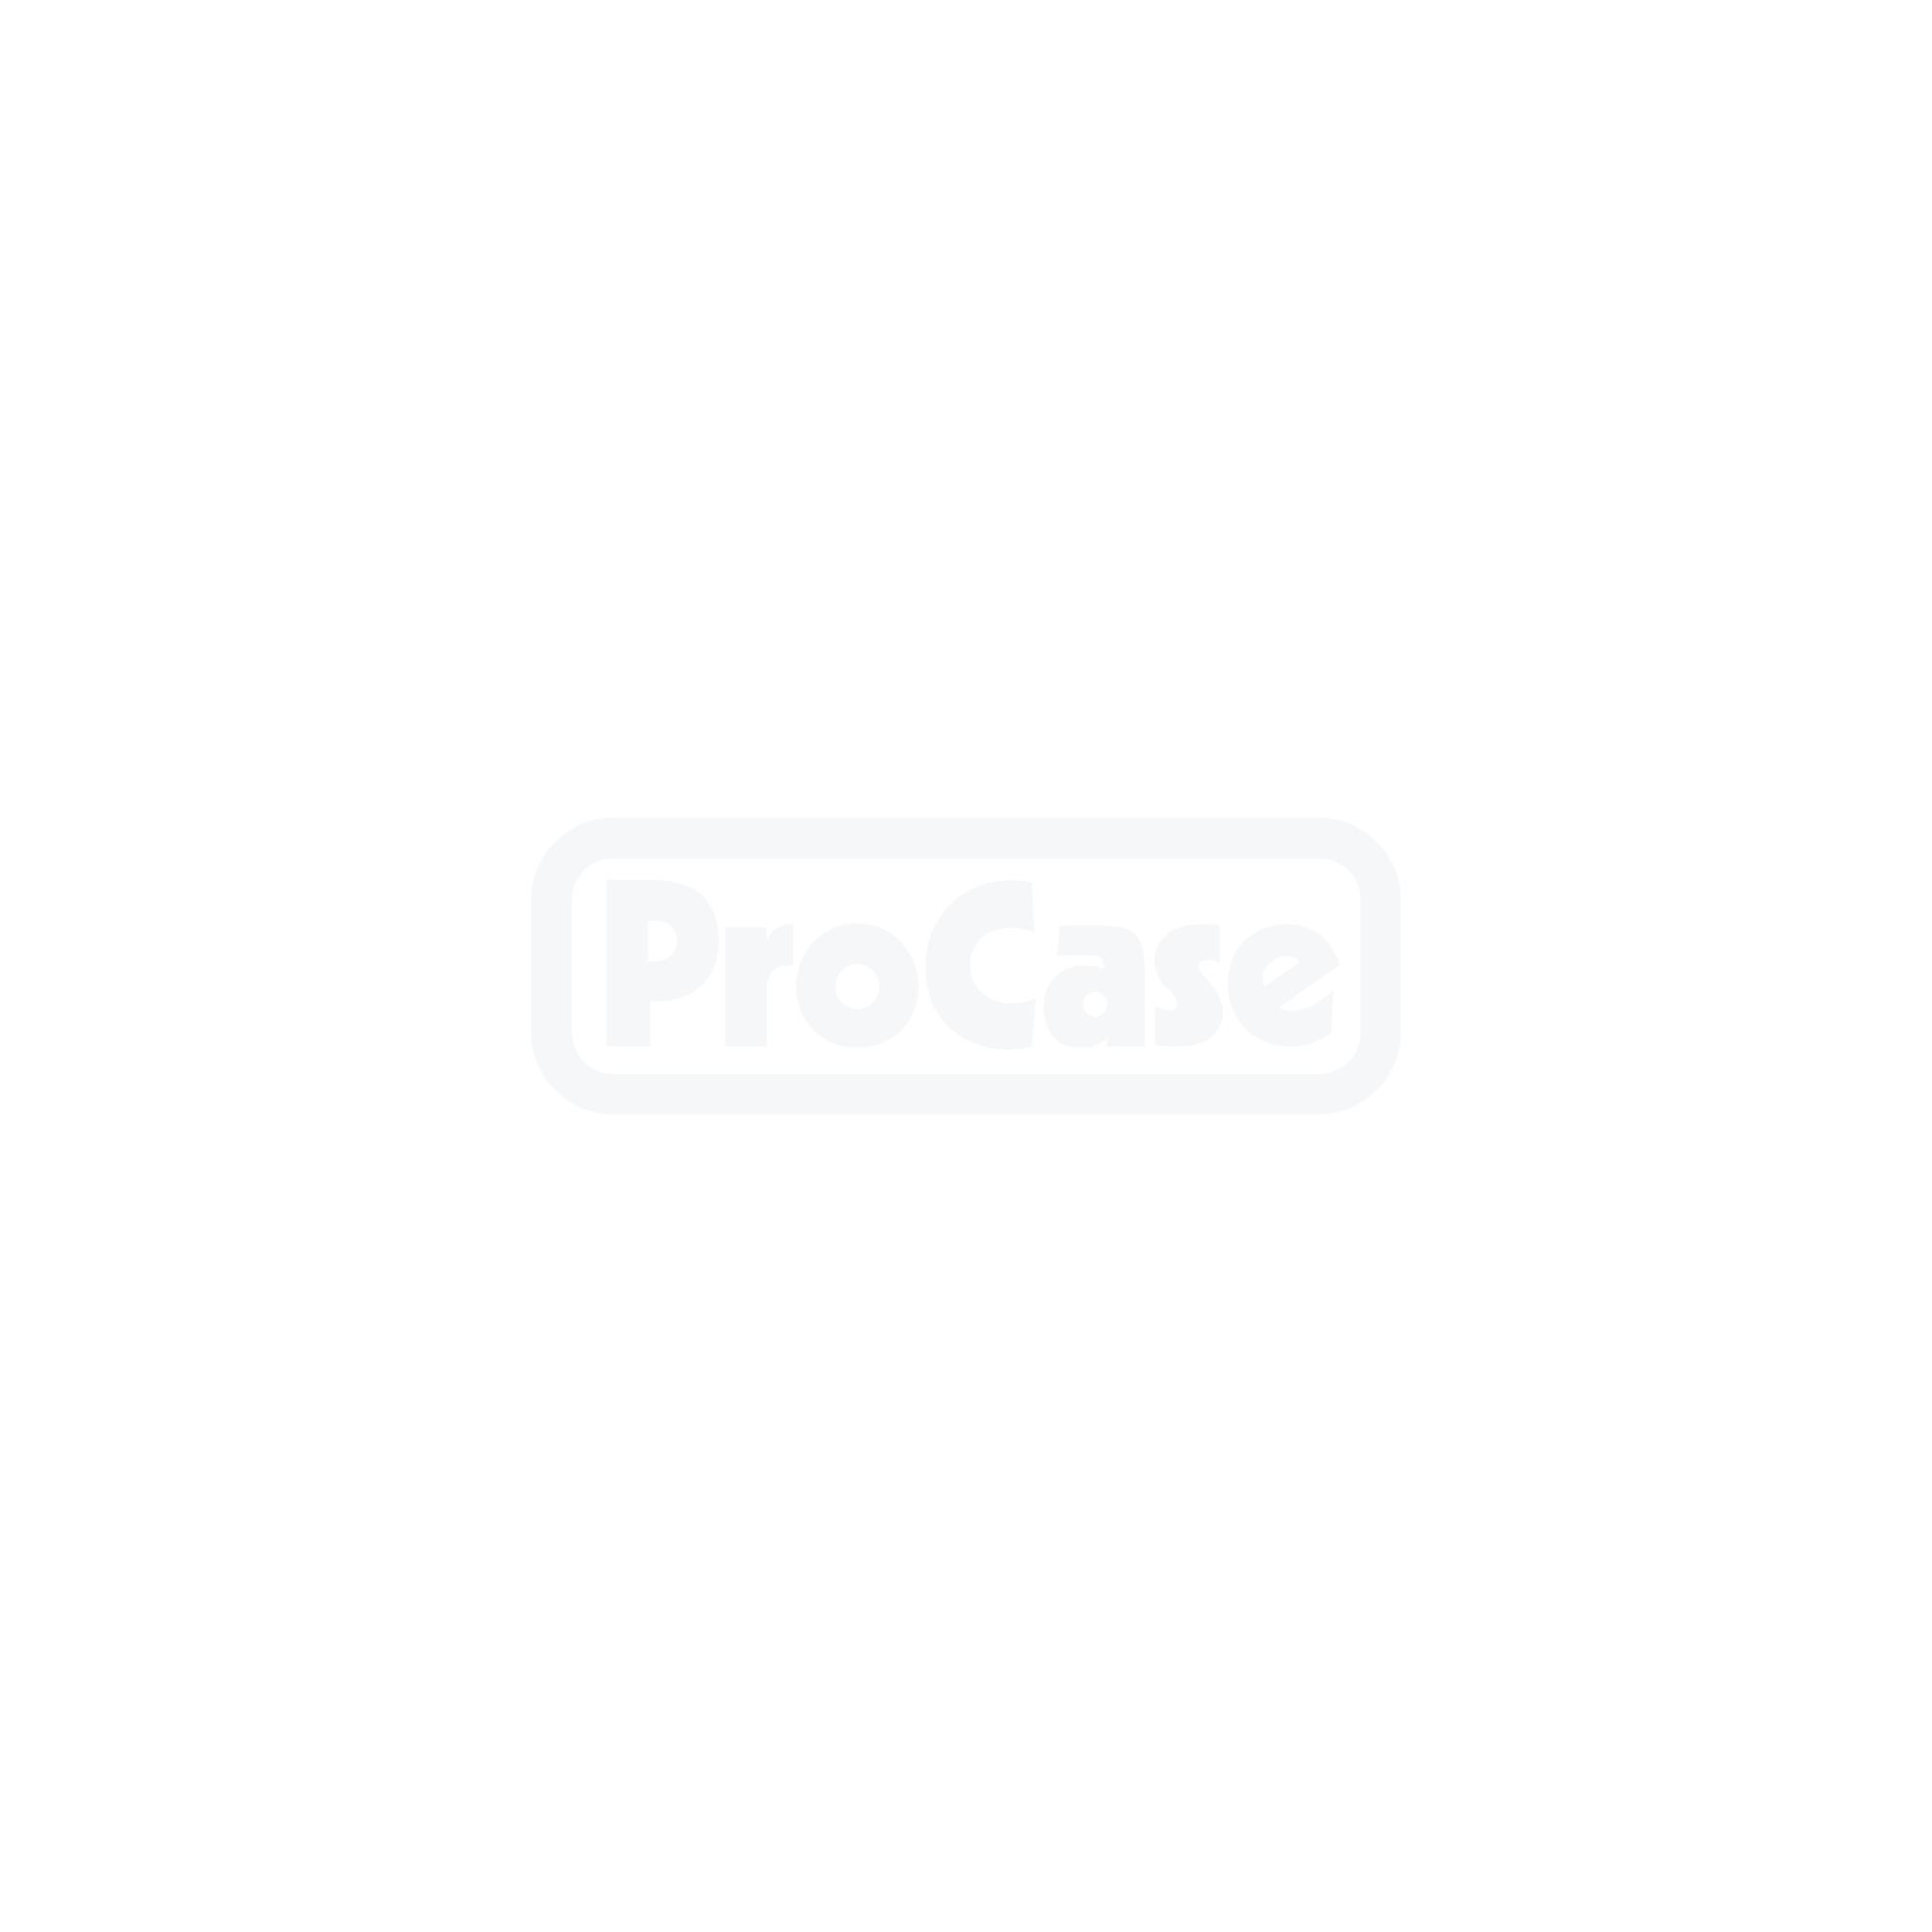 Flipcase für Allen&Heath dLive C3500